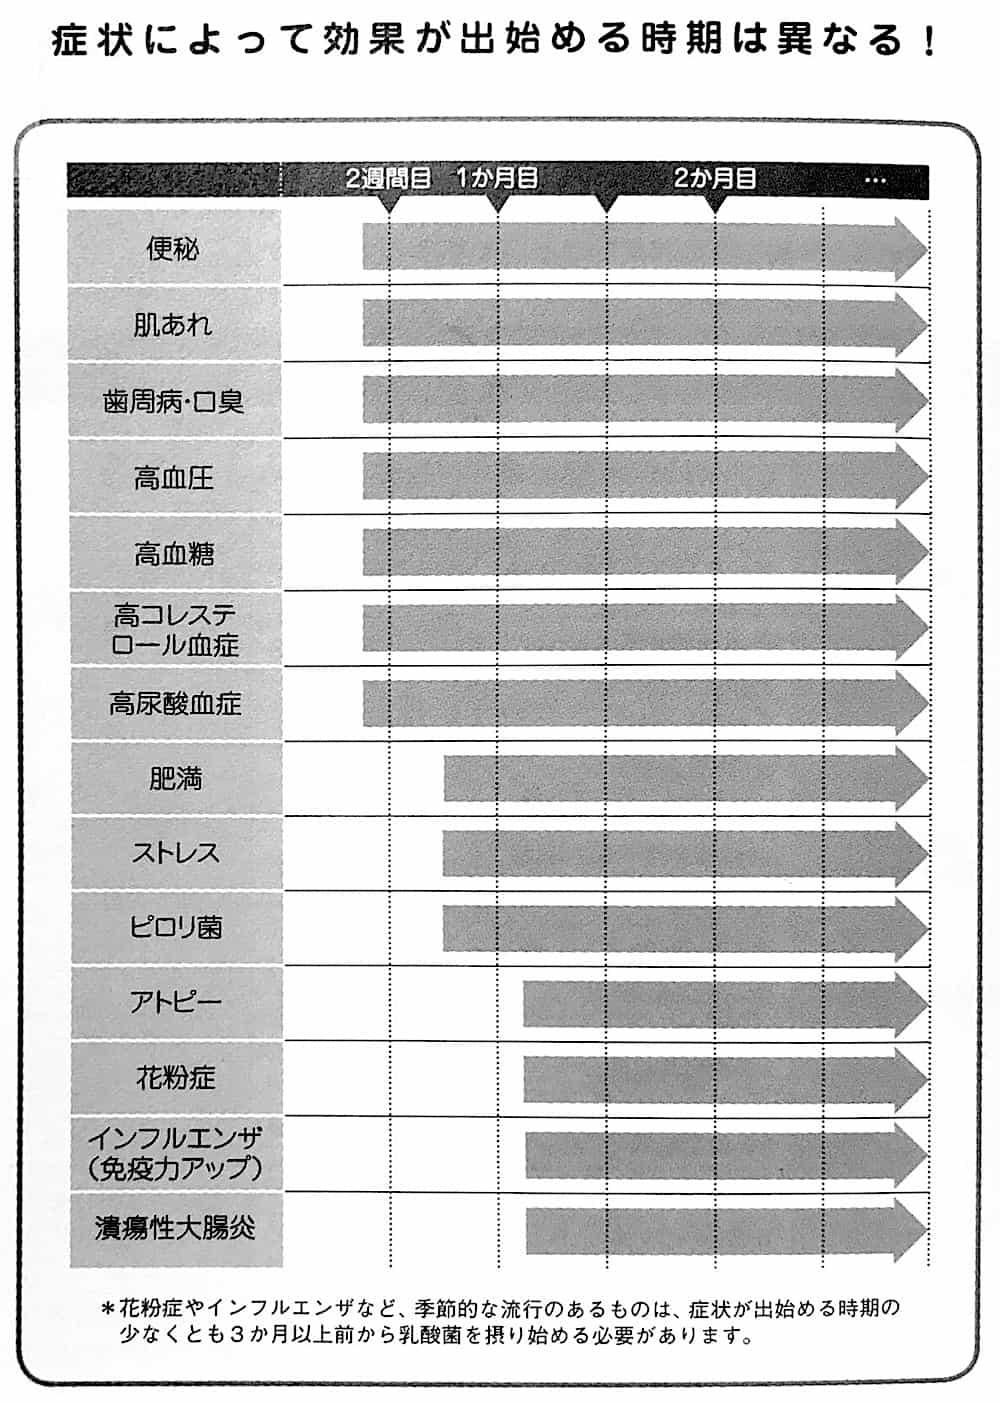 症状ごとに効果が現れる時期をまとめた表。